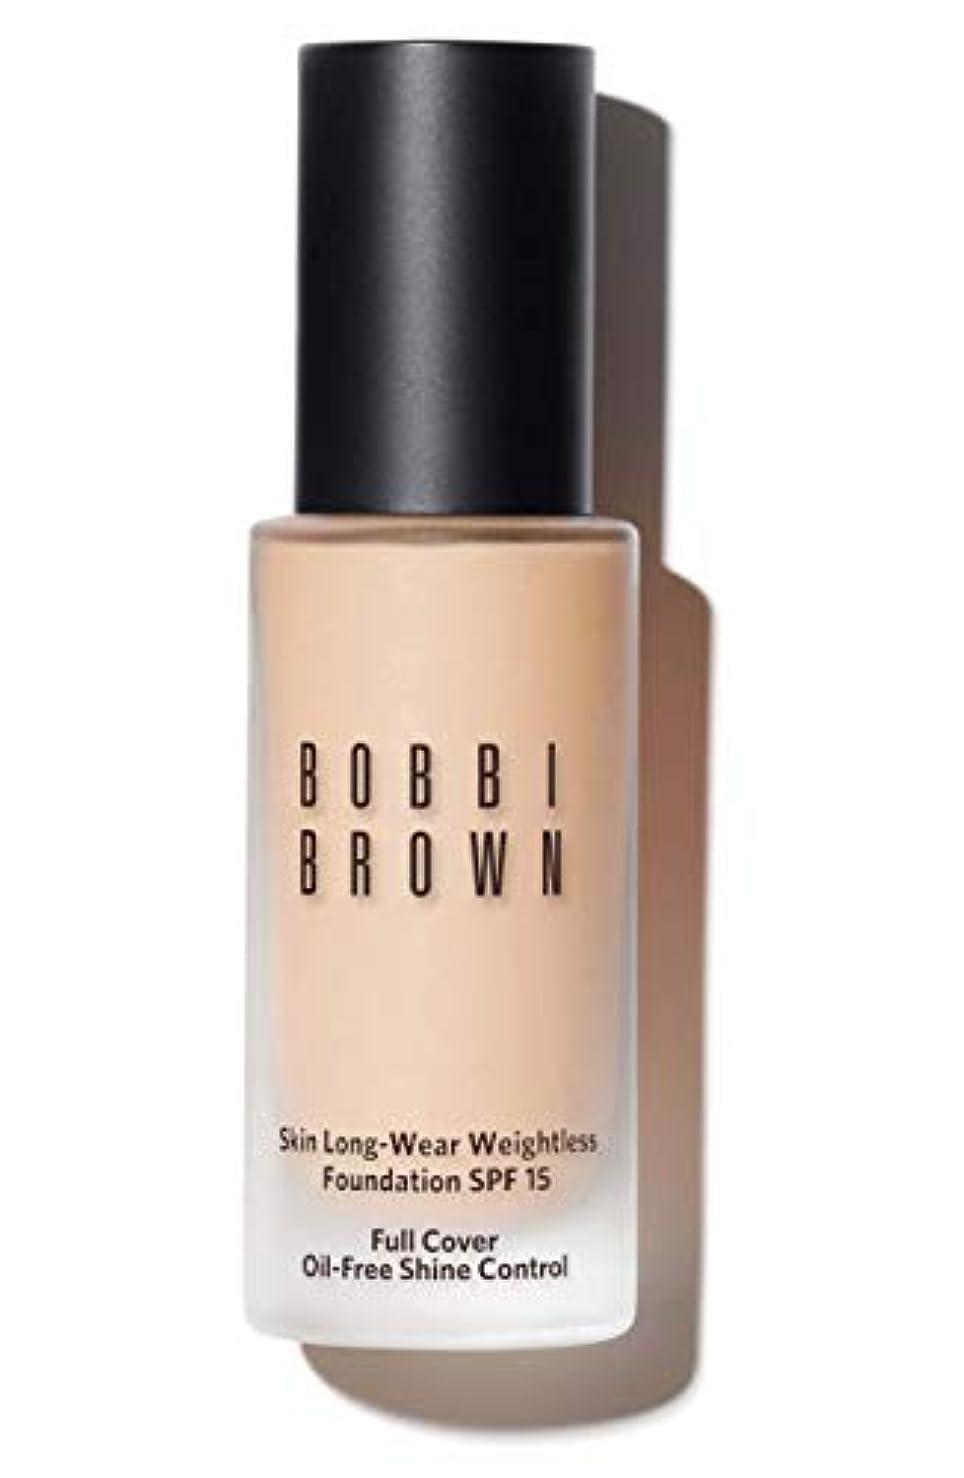 印象的高度な運賃ボビイ ブラウン Skin Long Wear Weightless Foundation SPF 15 - # Porcelain 30ml/1oz並行輸入品